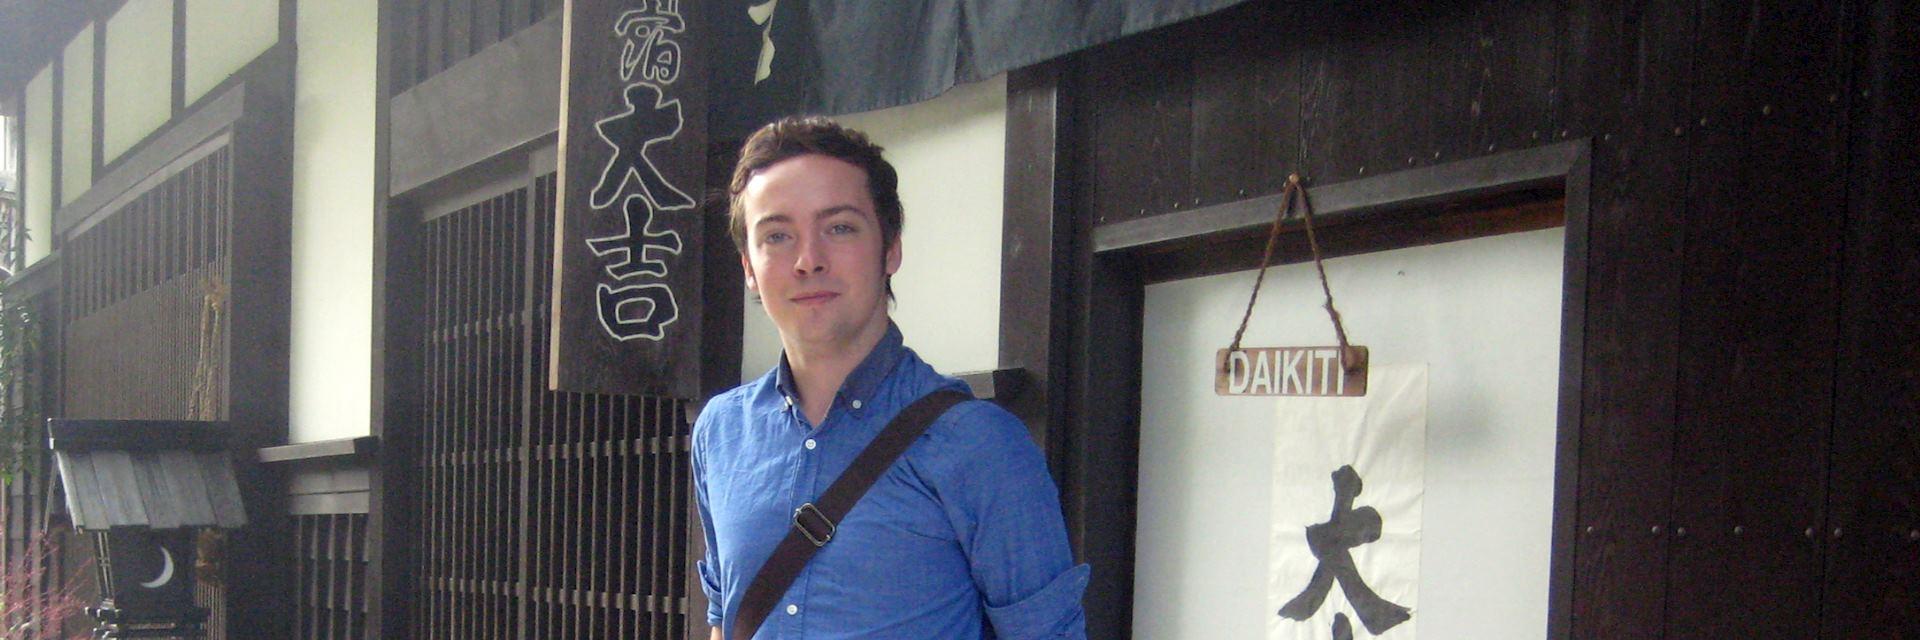 Rory at the Daikichi in Tsumago, Japan